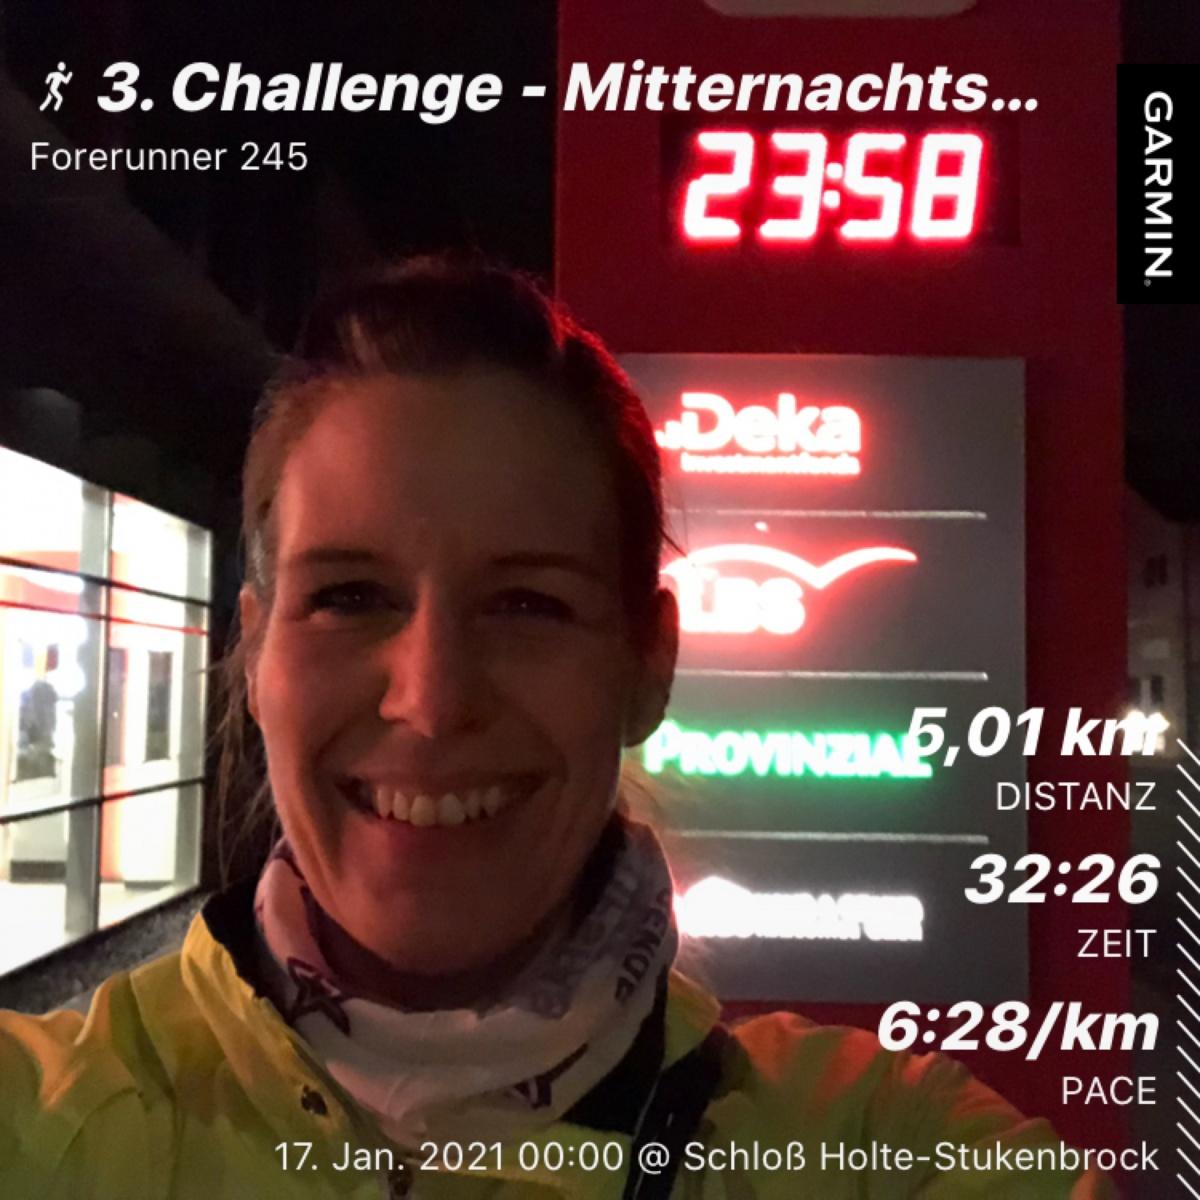 Wemhoff-Michaela-3-Challenge-Mitternachts-Lauf-iOkGh